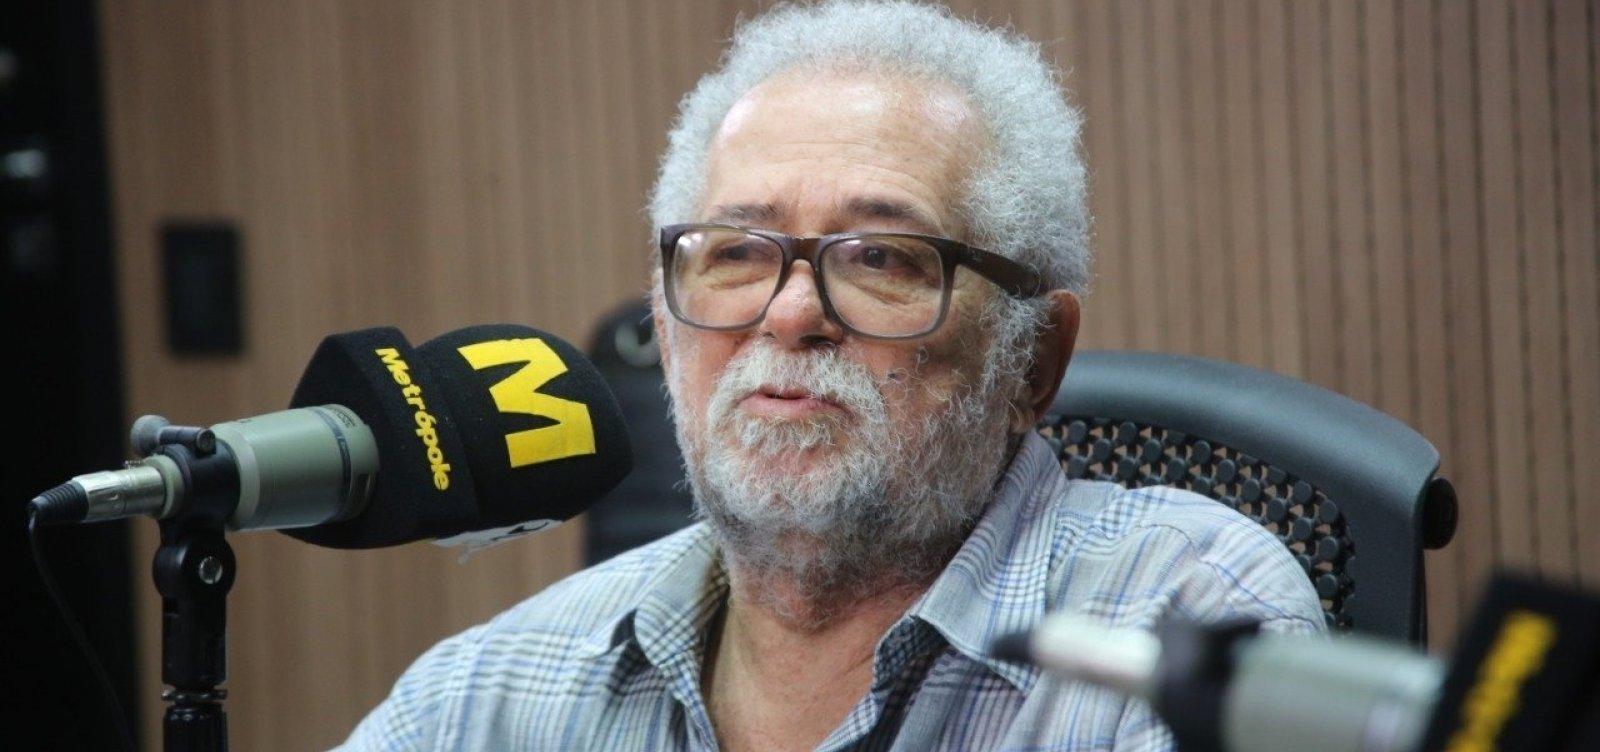 Live-show celebra os 80 anos do poeta e compositor baiano José Carlos Capinan